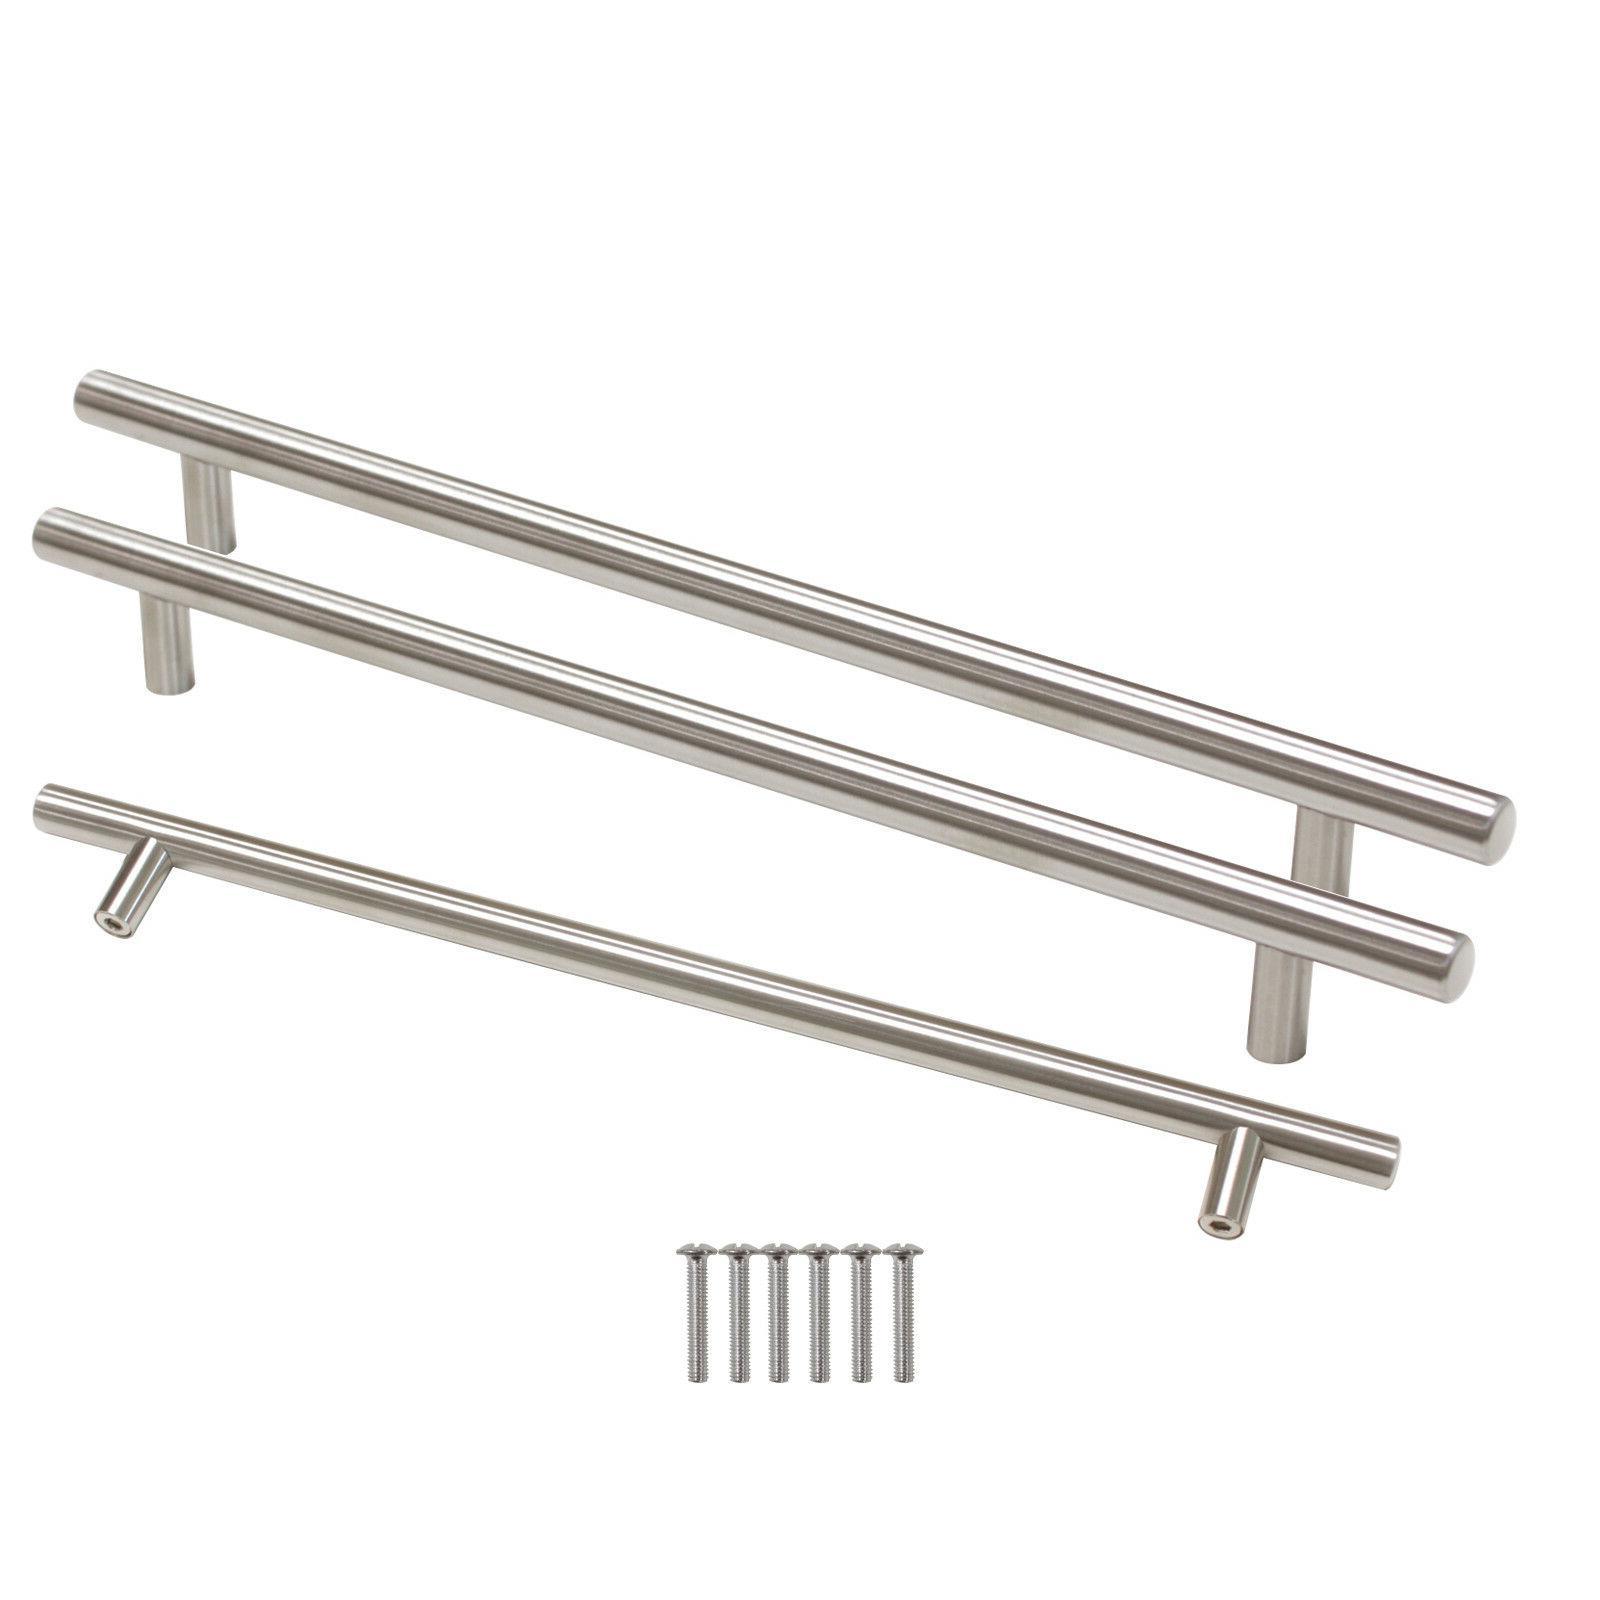 30Pack Brushed Nickel Pulls Steel T